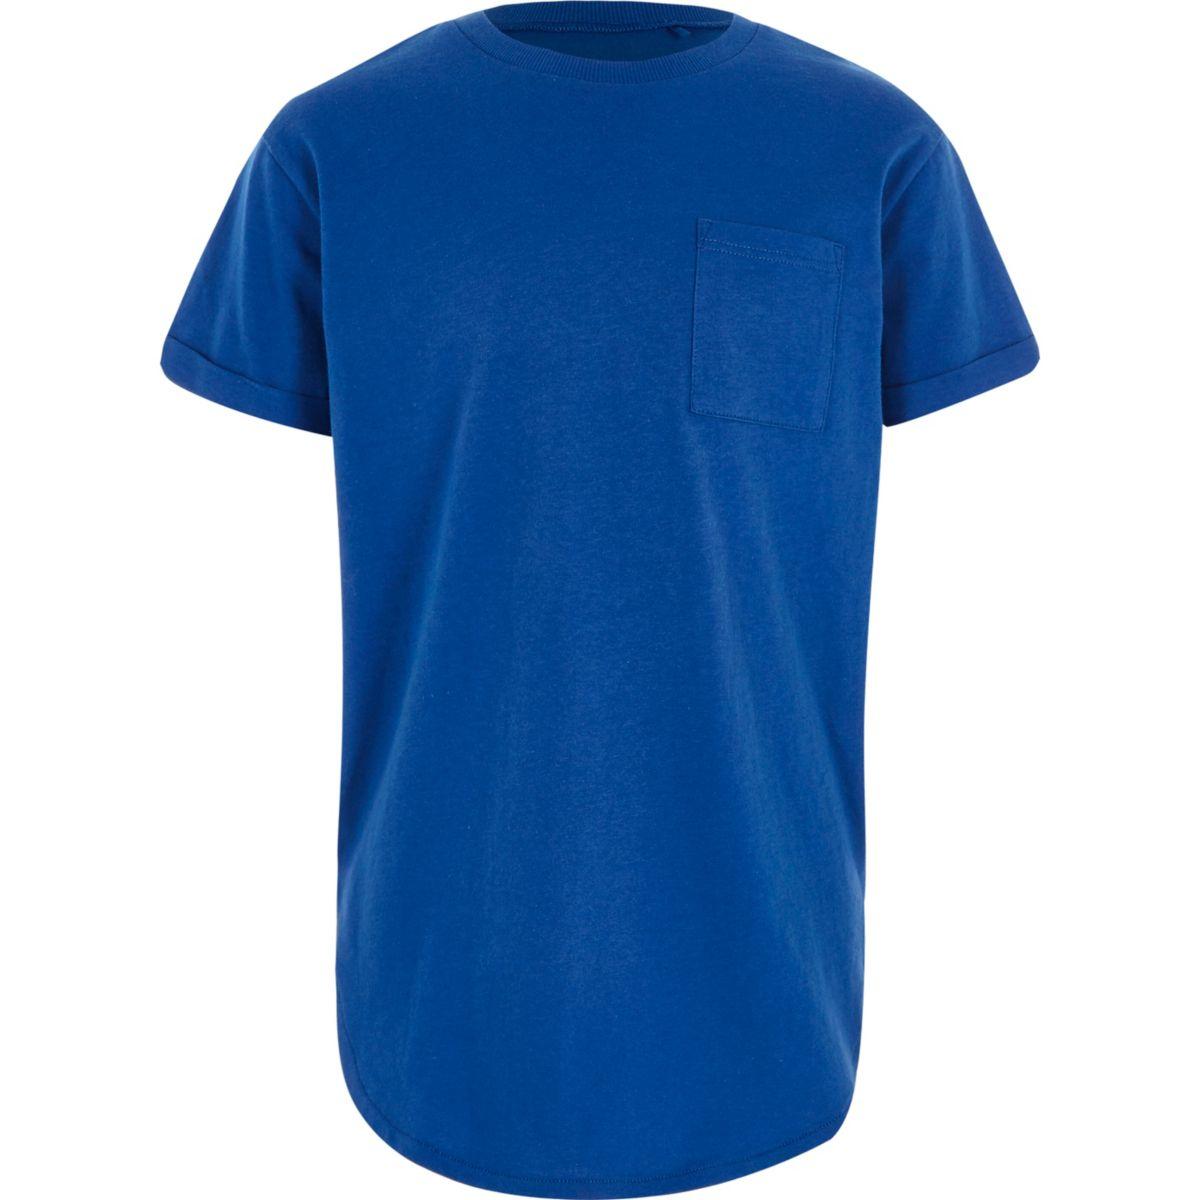 Boys blue curved hem t-shirt